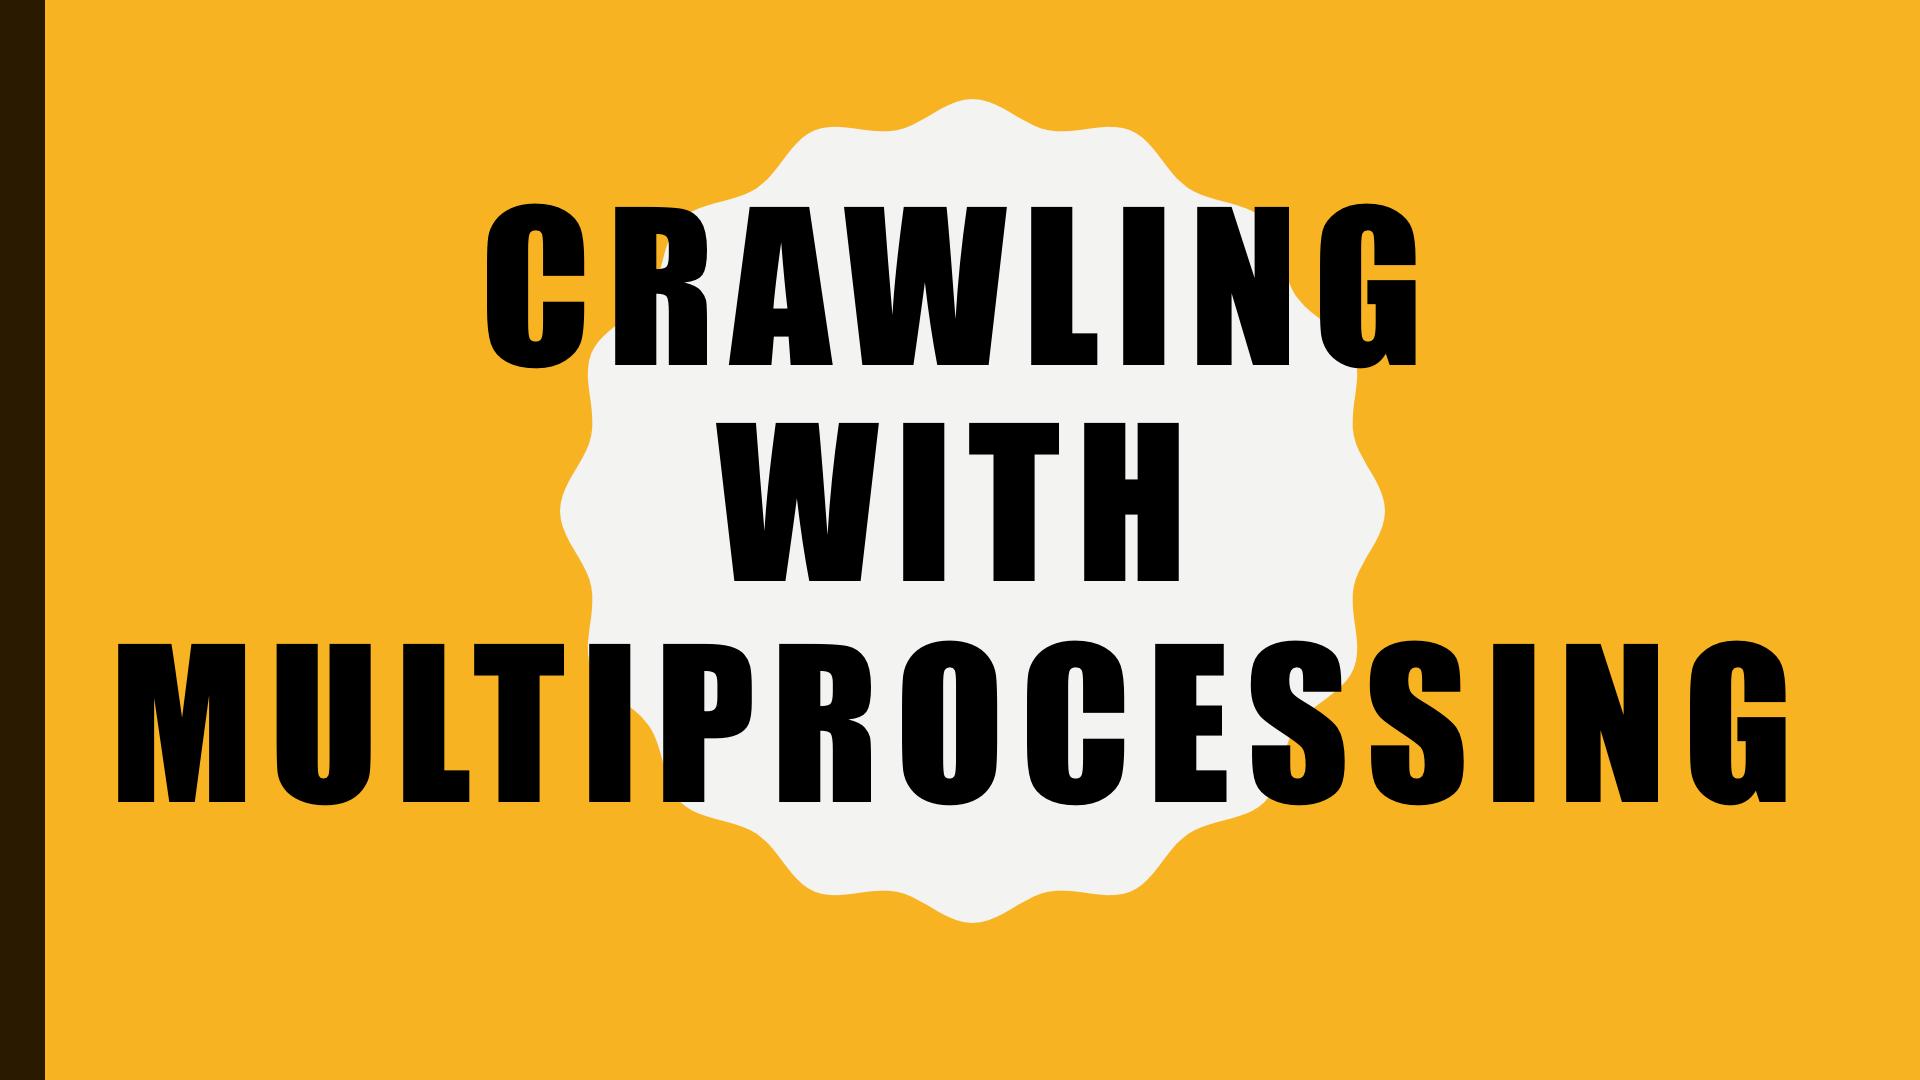 나만의 웹 크롤러 만들기(6): N배빠른 크롤링, multiprocessing!